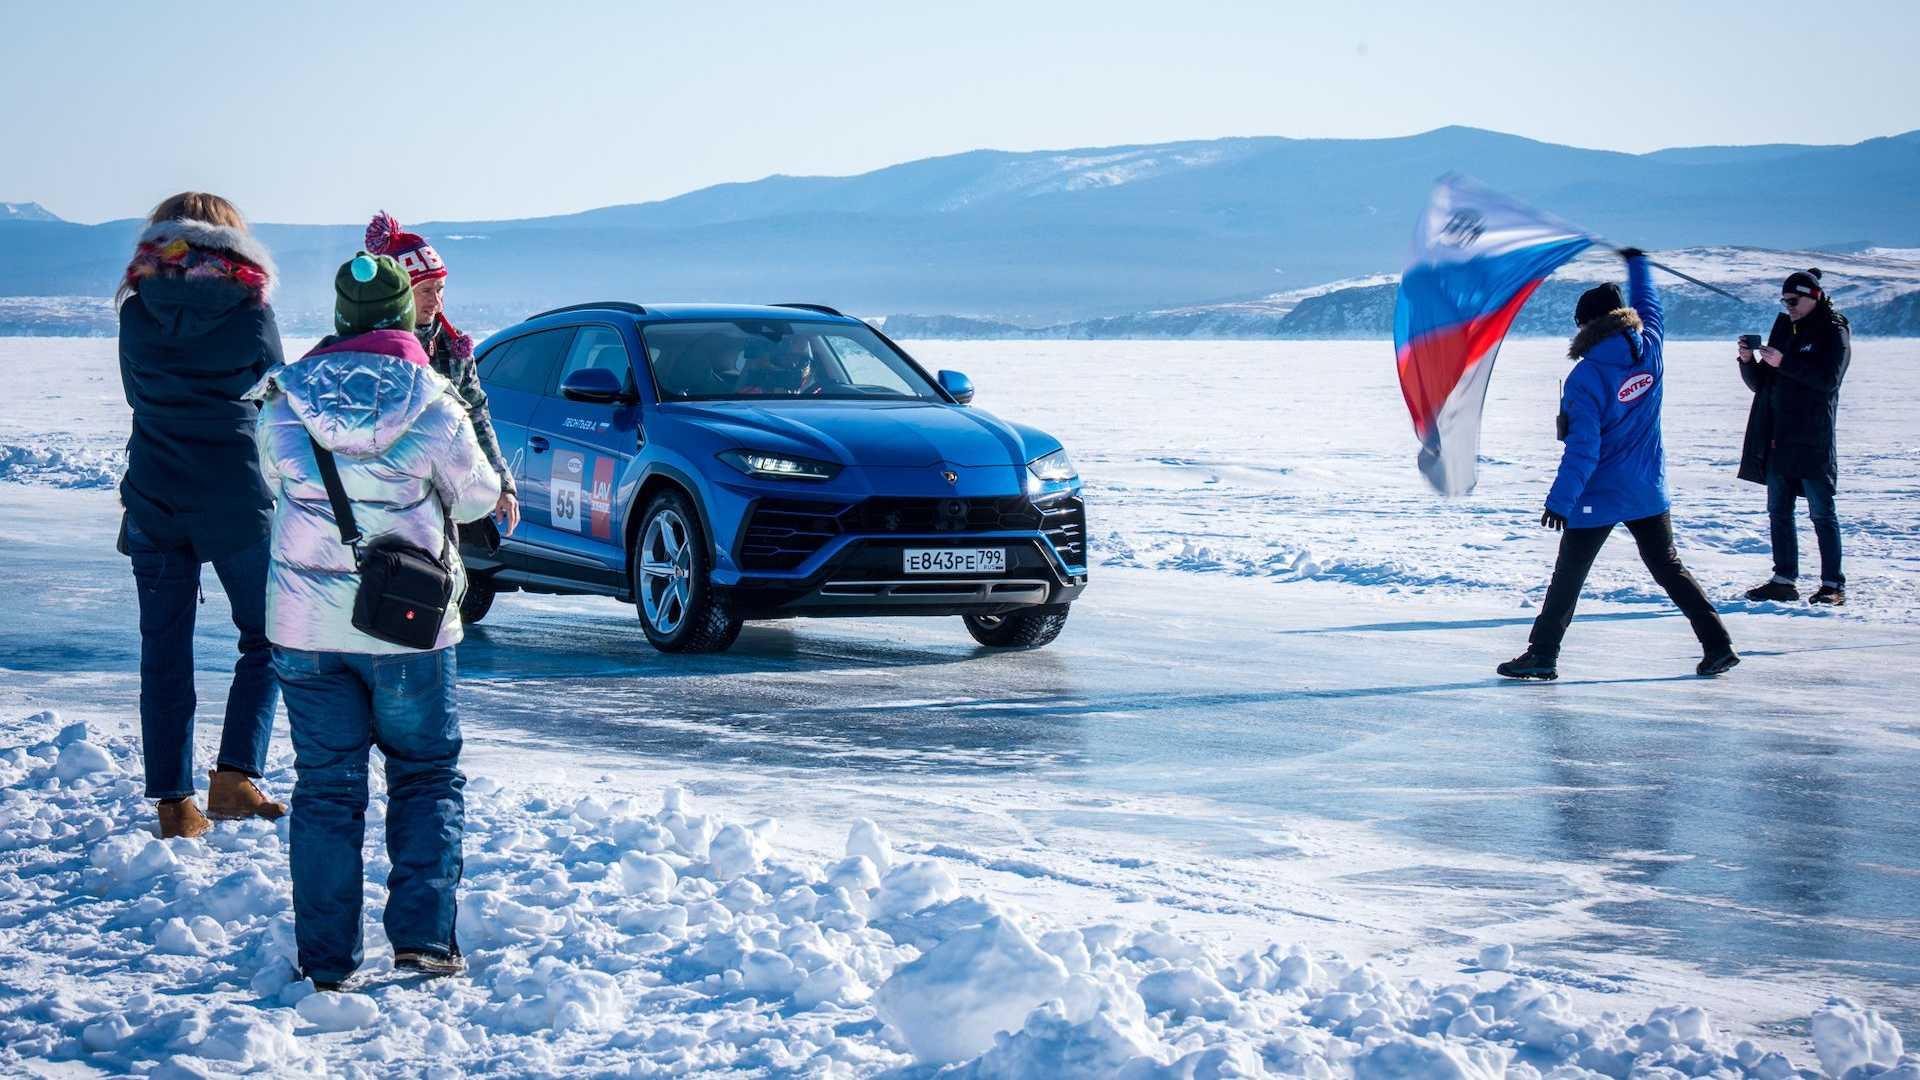 لامبورگینی اوروس رکورد سرعت روی یخ را به نام خود ثبت کرد